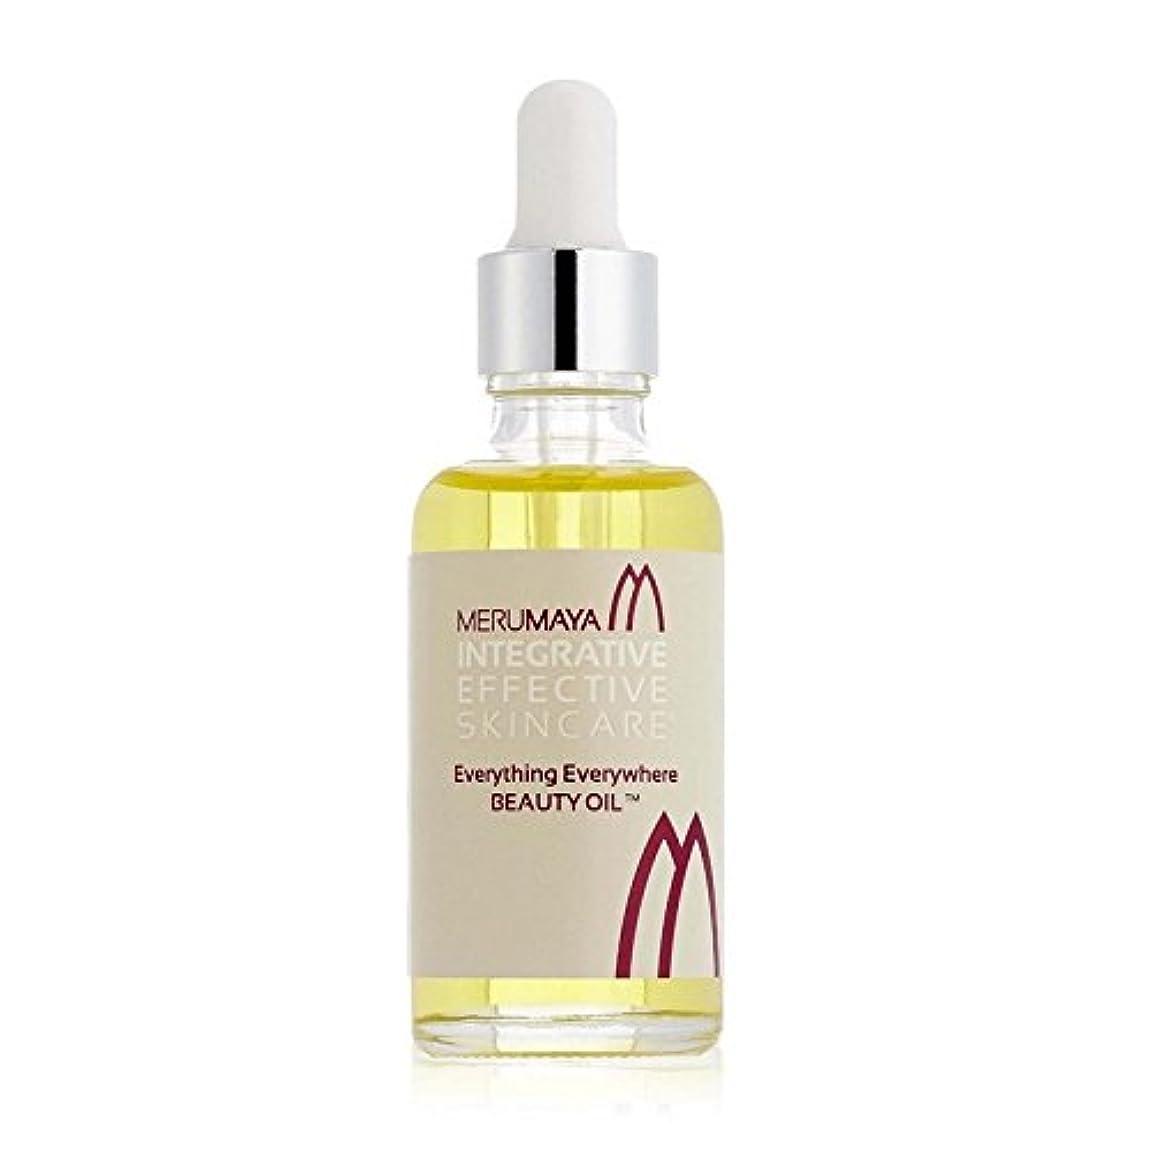 残酷なスイ乗ってどこでも、すべての美容オイルを x4 - Merumaya Everything Everywhere Beauty Oil (Pack of 4) [並行輸入品]